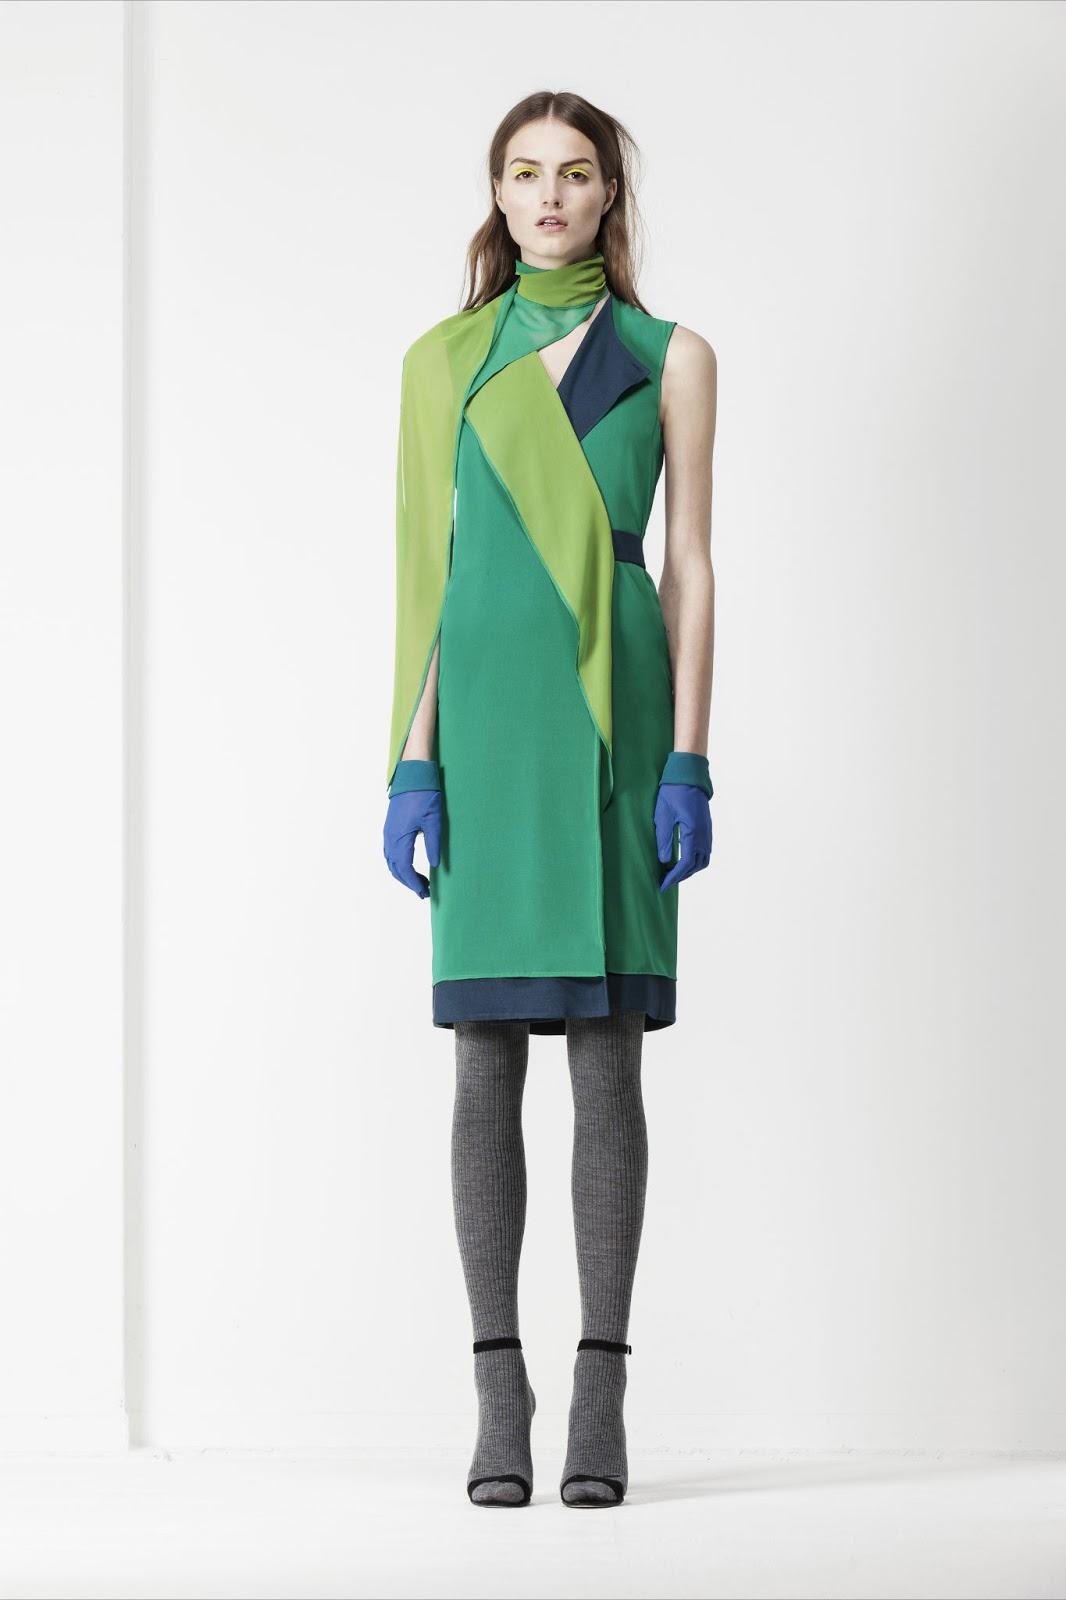 Bộ sưu tập nữ mùa Thu 2013 - Pringle